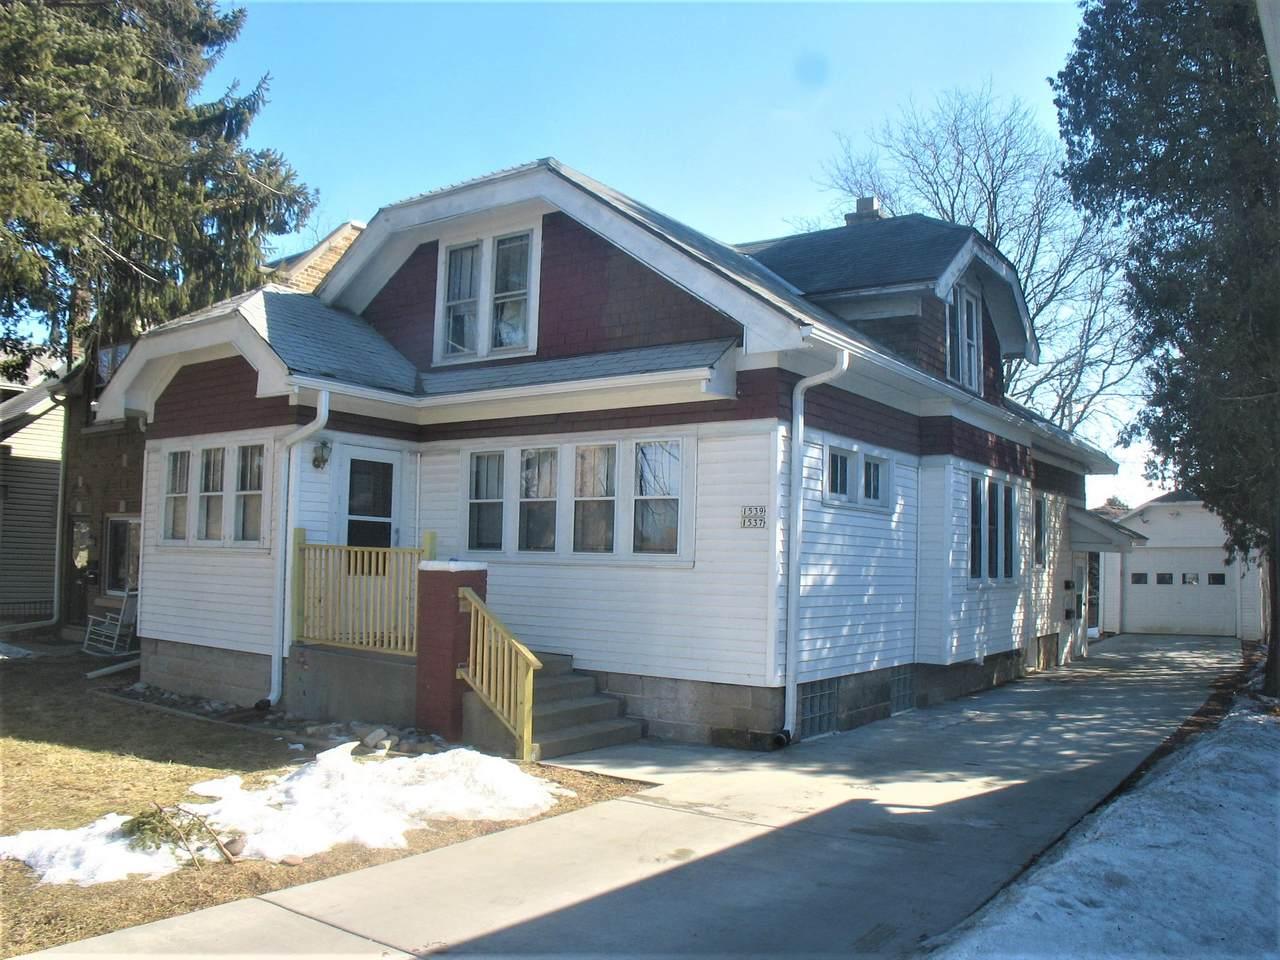 1537 Barton Ave - Photo 1